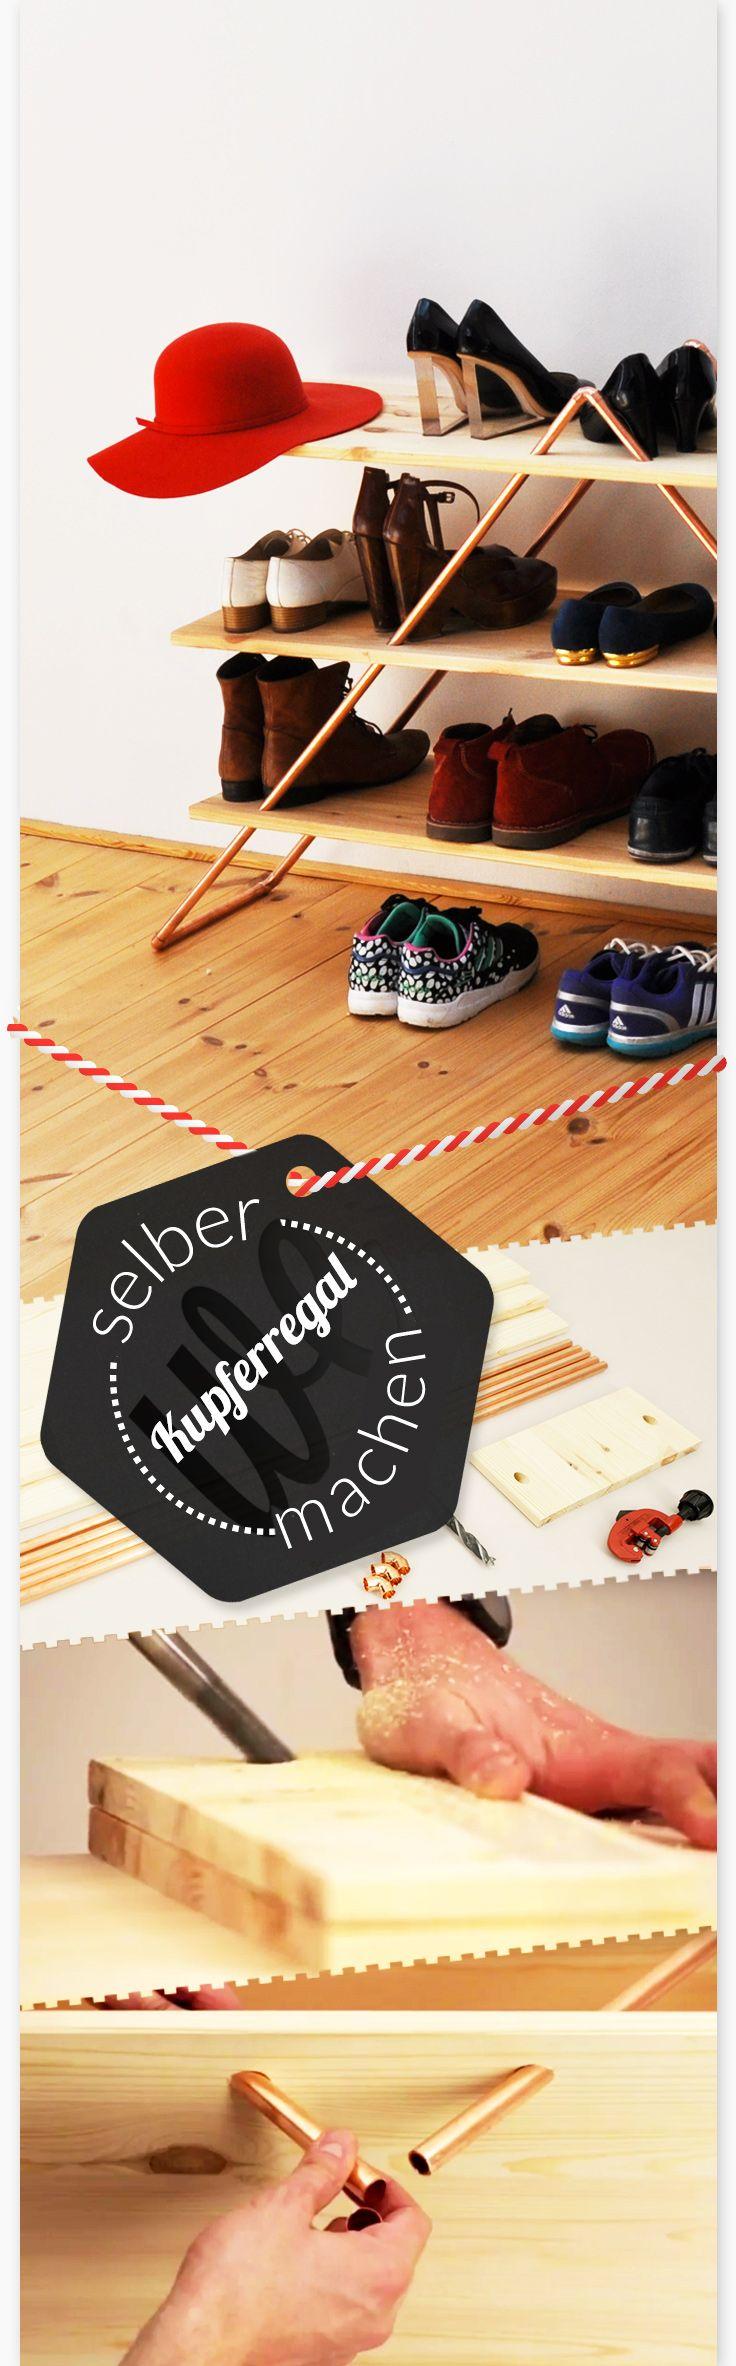 Garderobe für die Schuhe - Regal aus Kupfer und Holz zum Aufstellen. ᐃ-Form, Kupfer-Rohre, schlichtes helles Fichtenholz. Schön im Flur für Gäste und die Lieben...